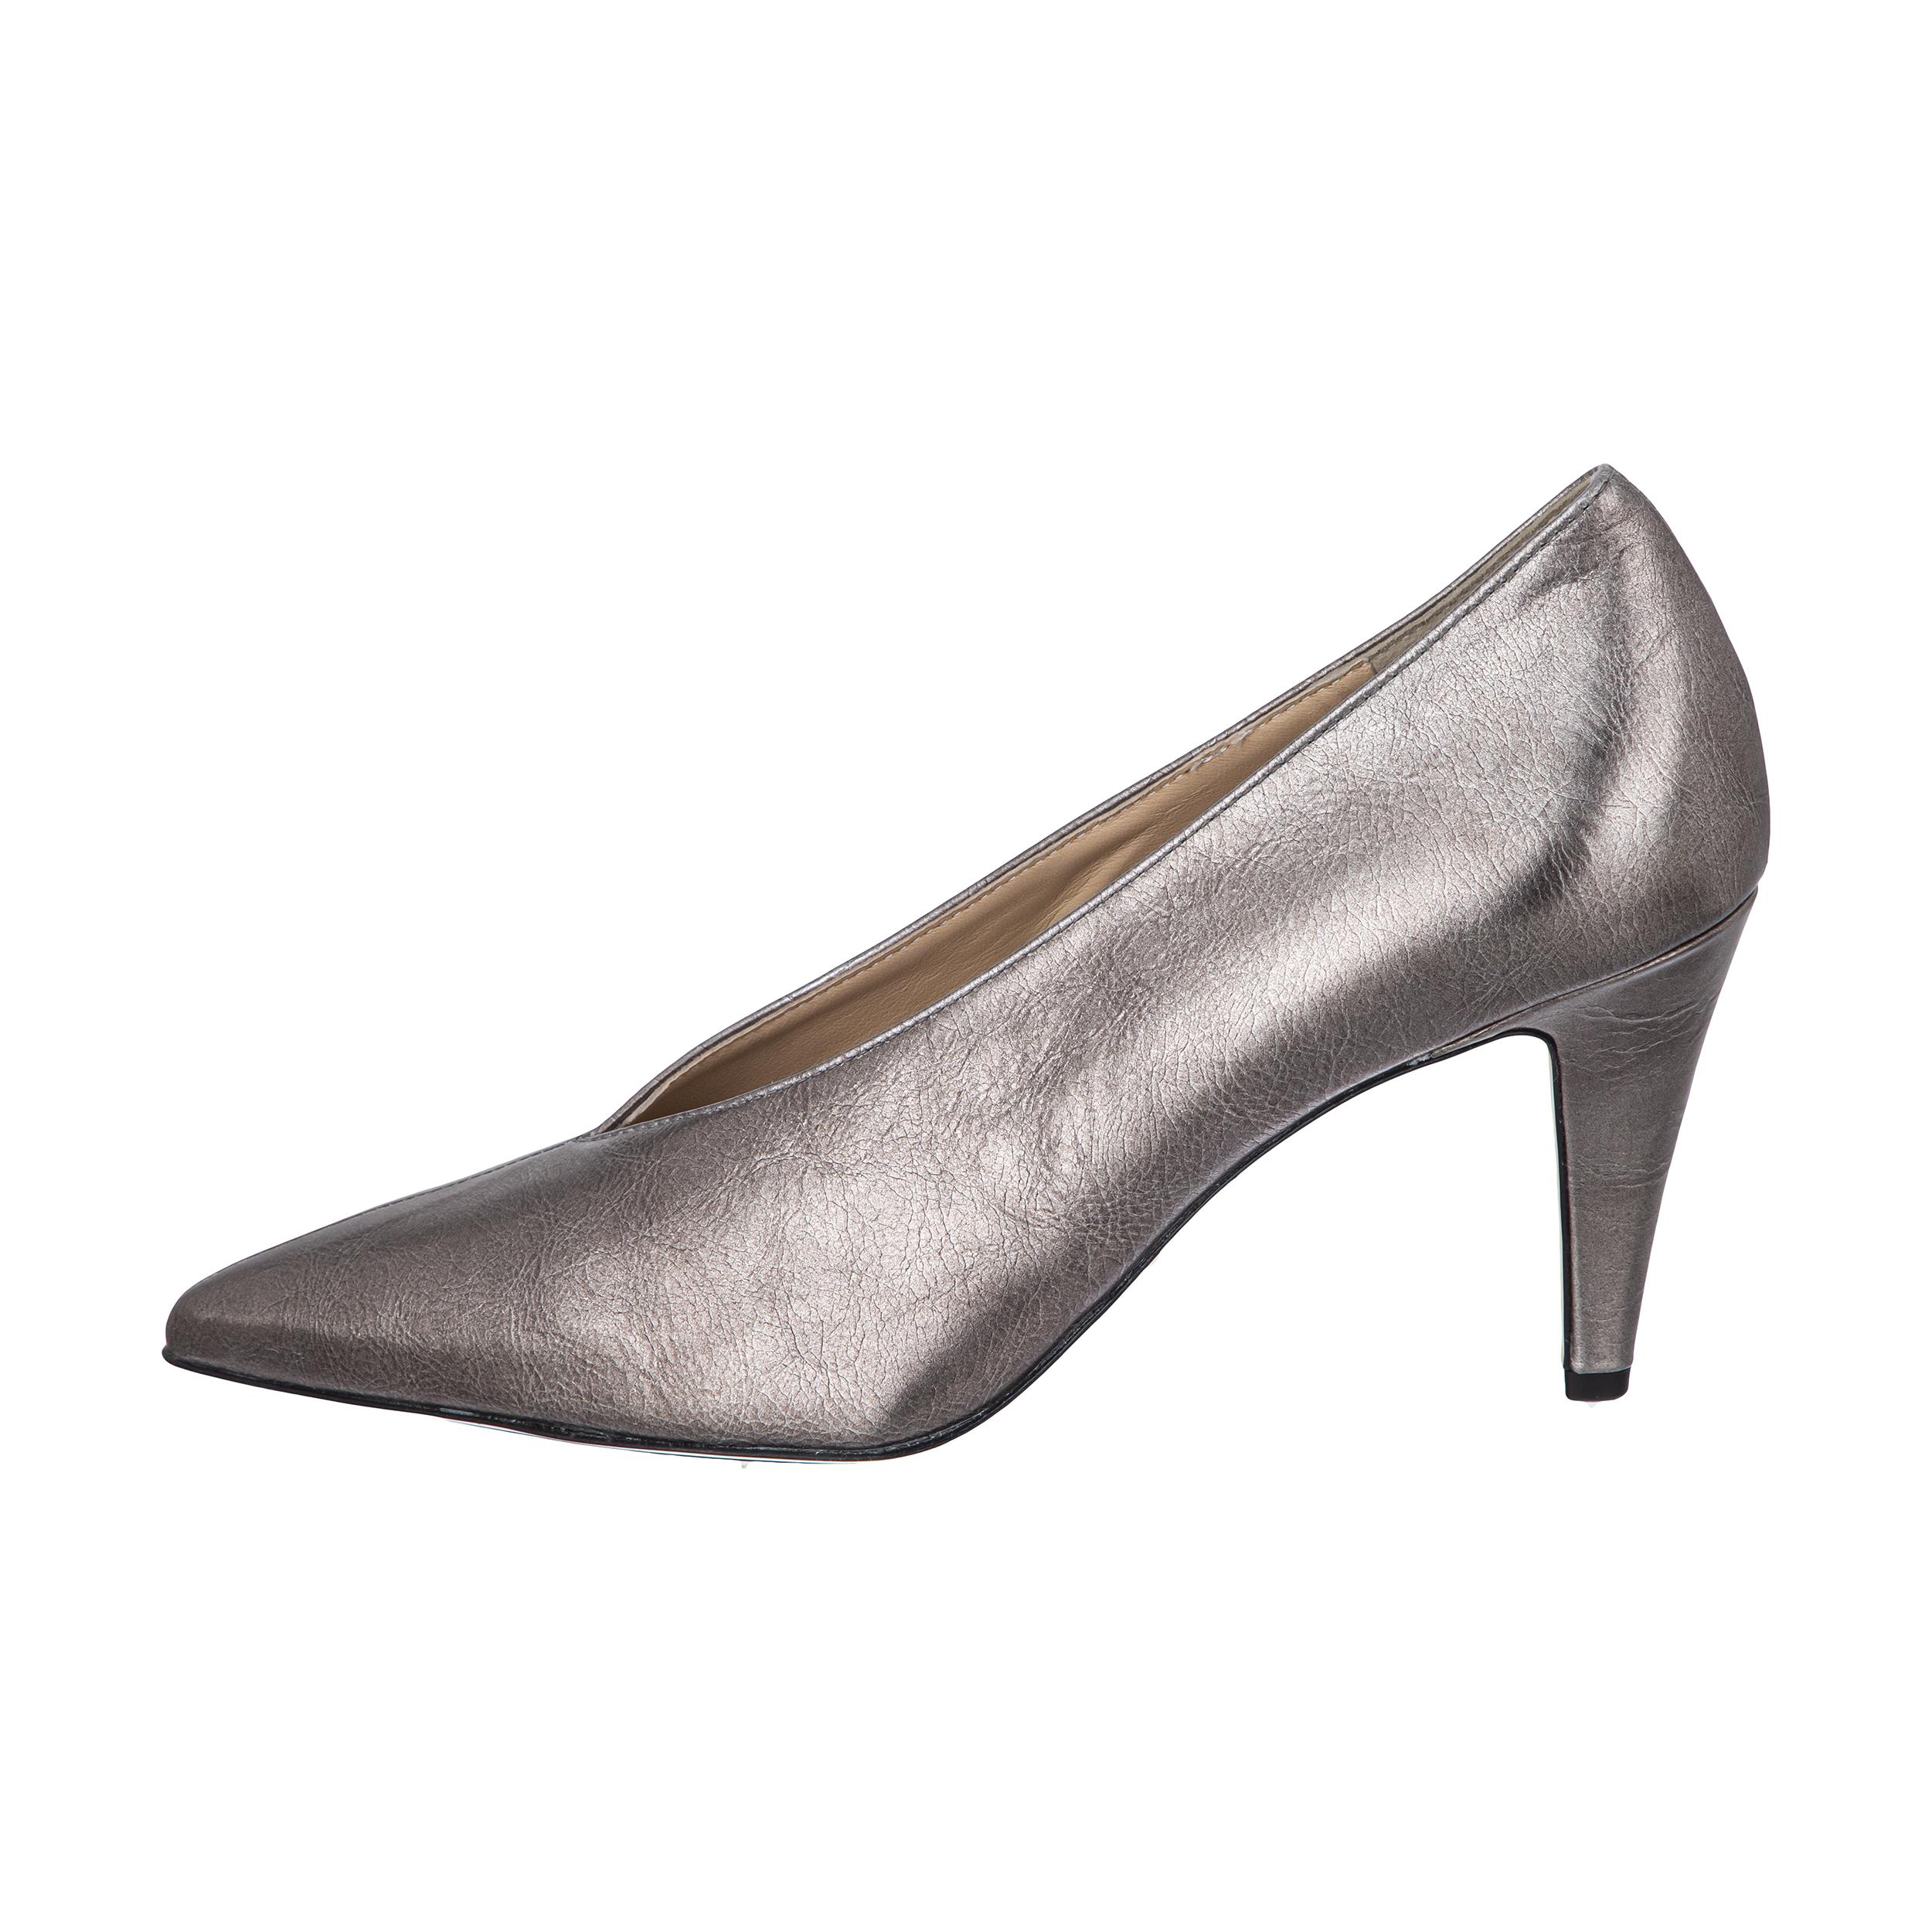 کفش زنانه هوگل مدل 5-107711-6200